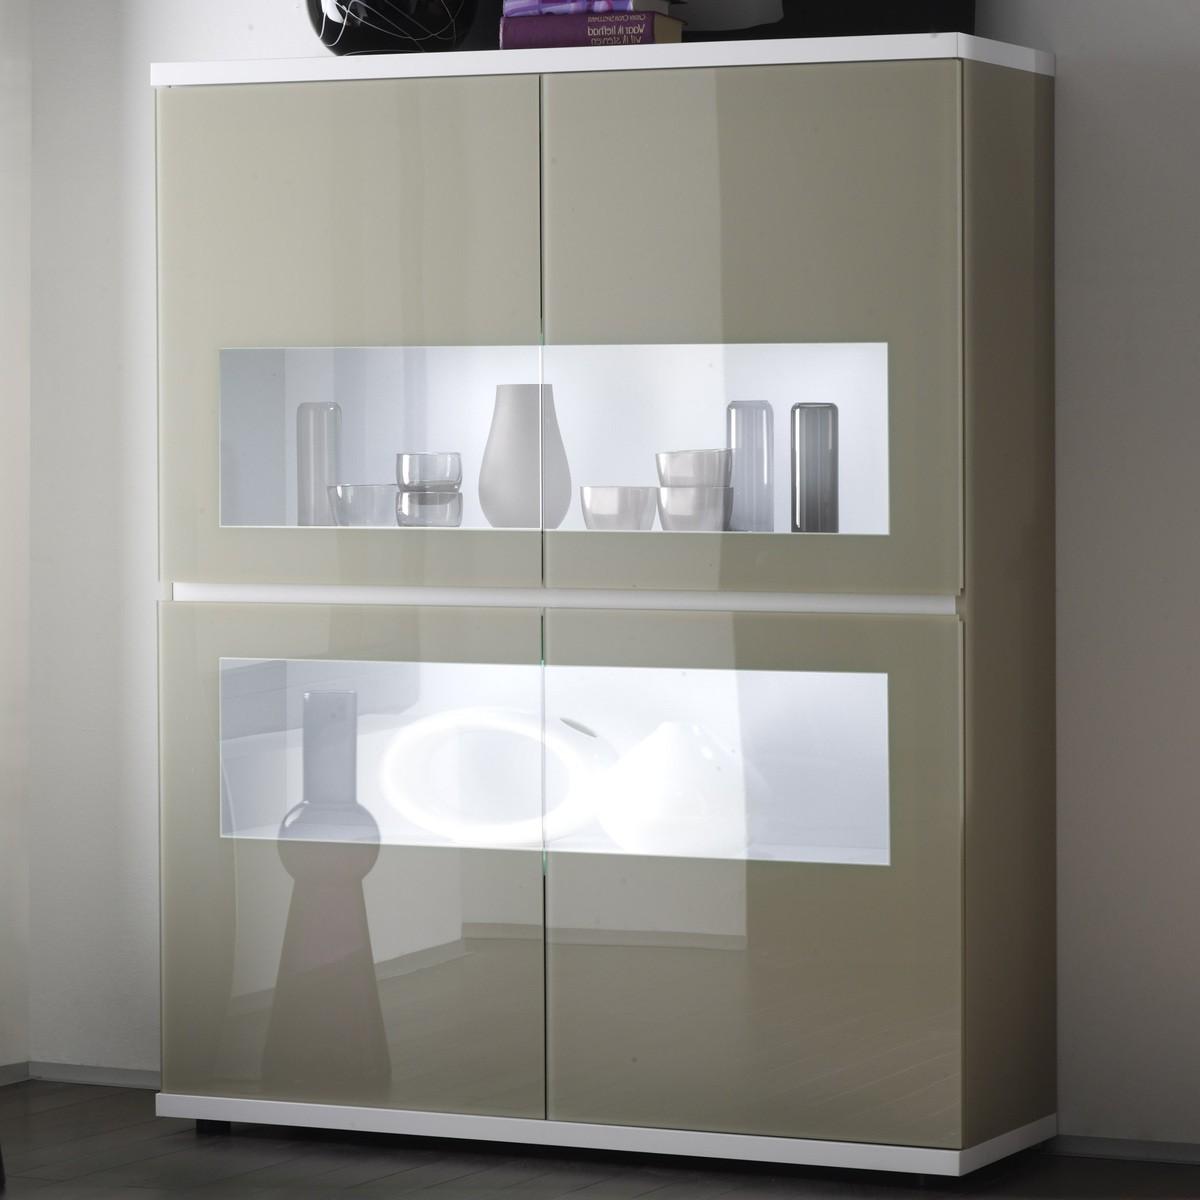 Schlafzimmer sideboard sand nolte glas die neueste for Sideboard mit glas